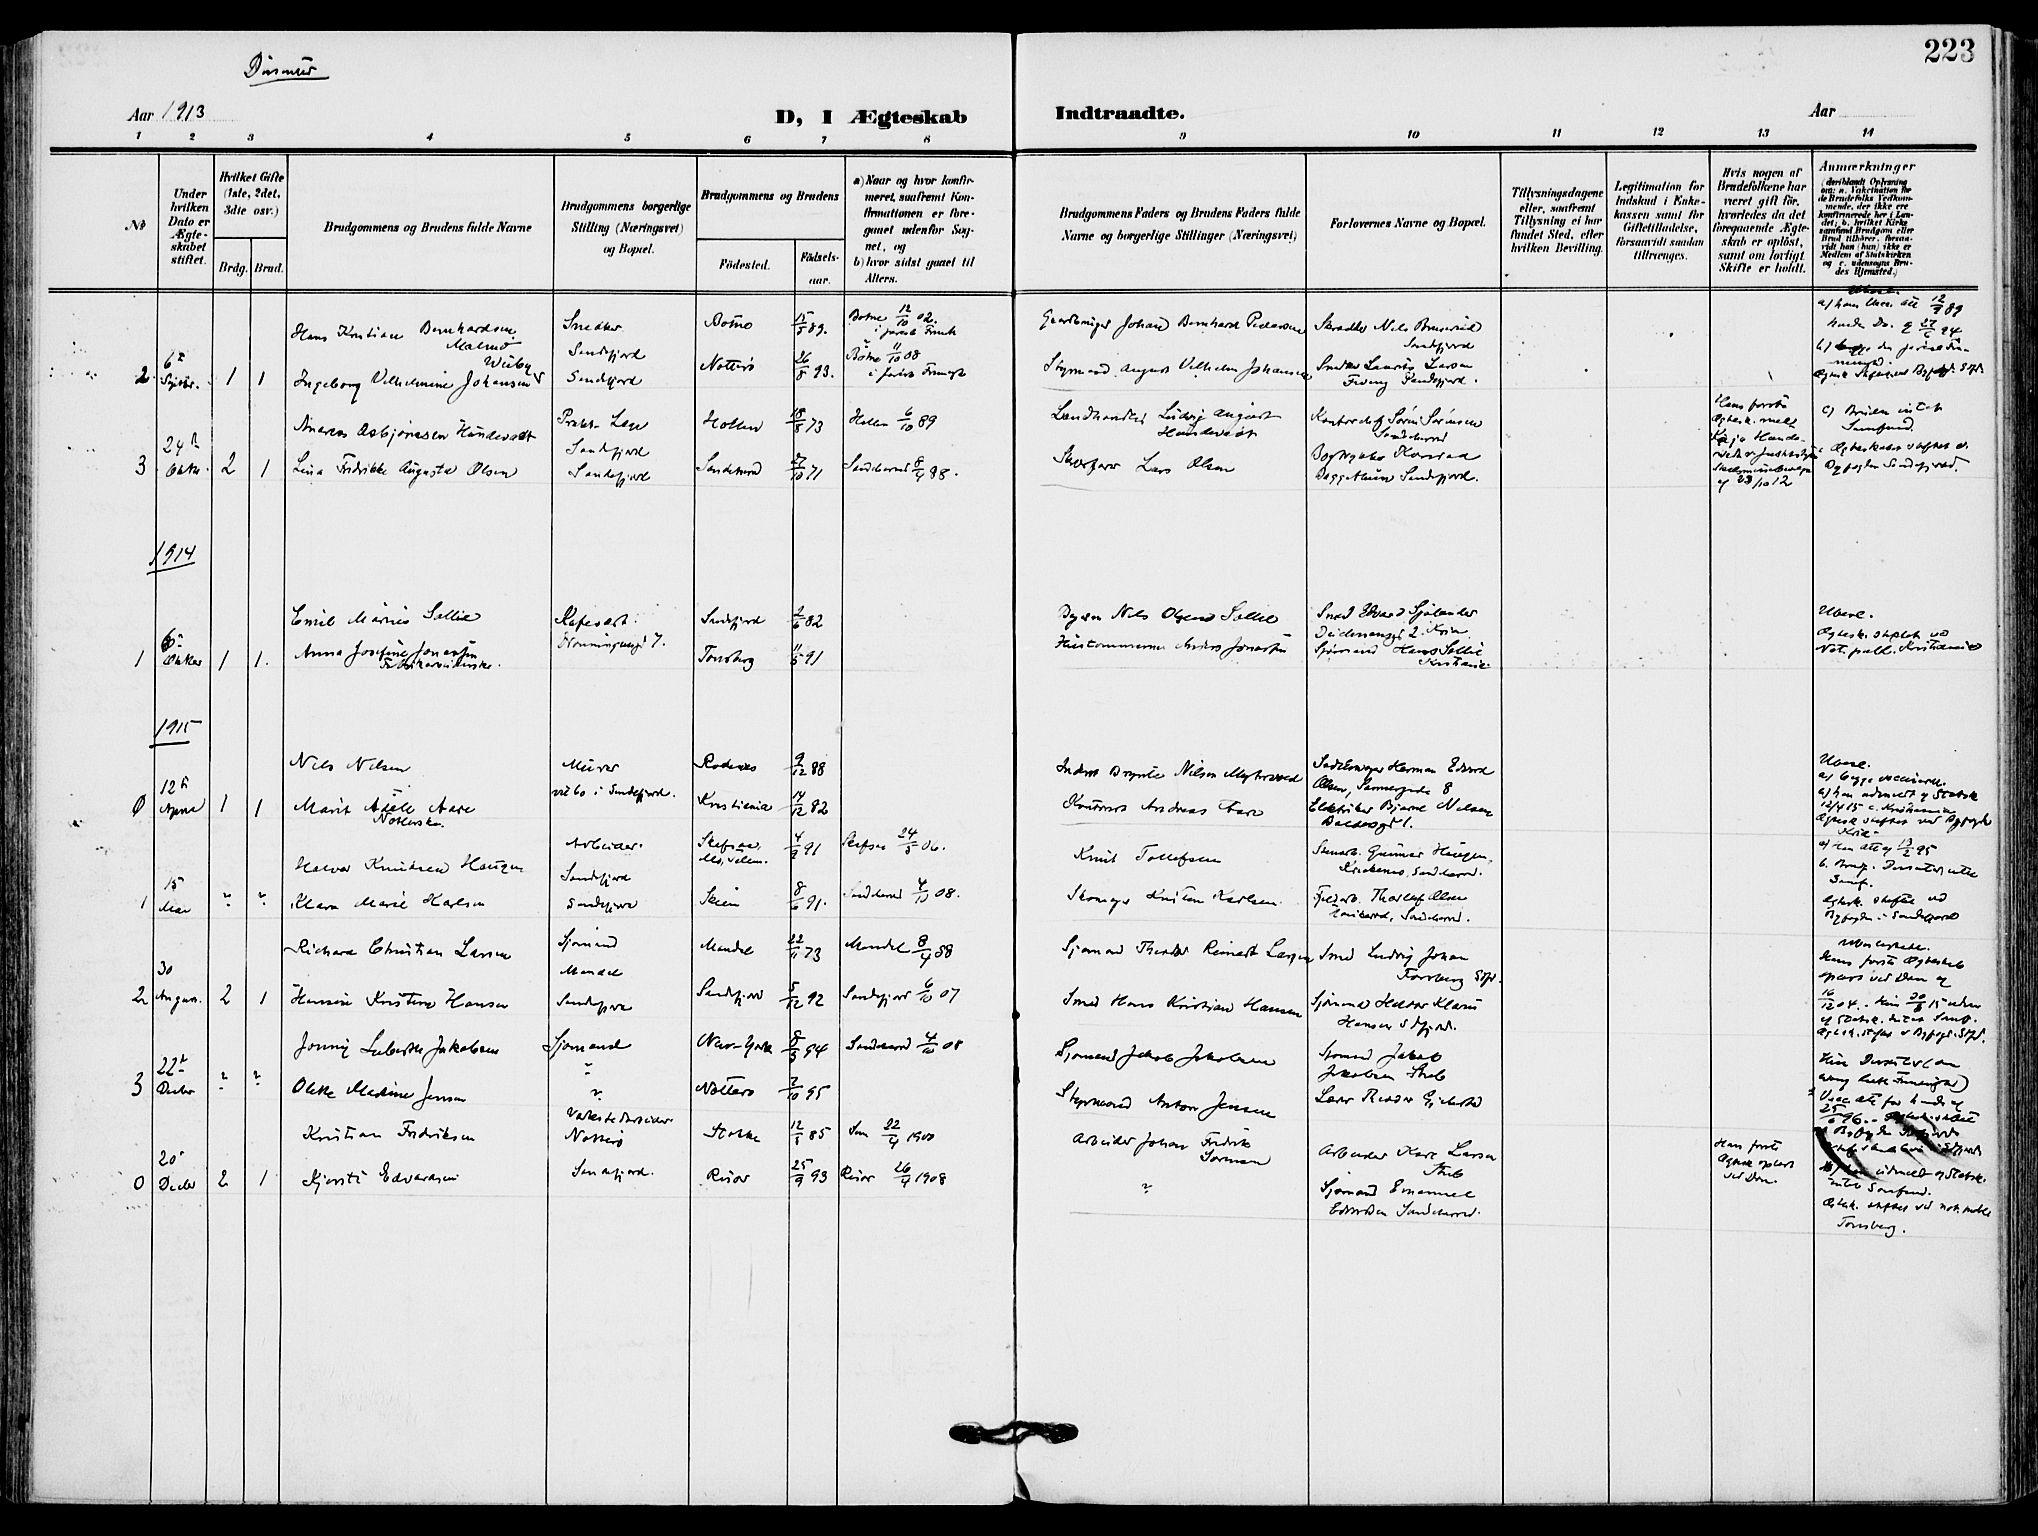 SAKO, Sandefjord kirkebøker, F/Fa/L0005: Ministerialbok nr. 5, 1906-1915, s. 223